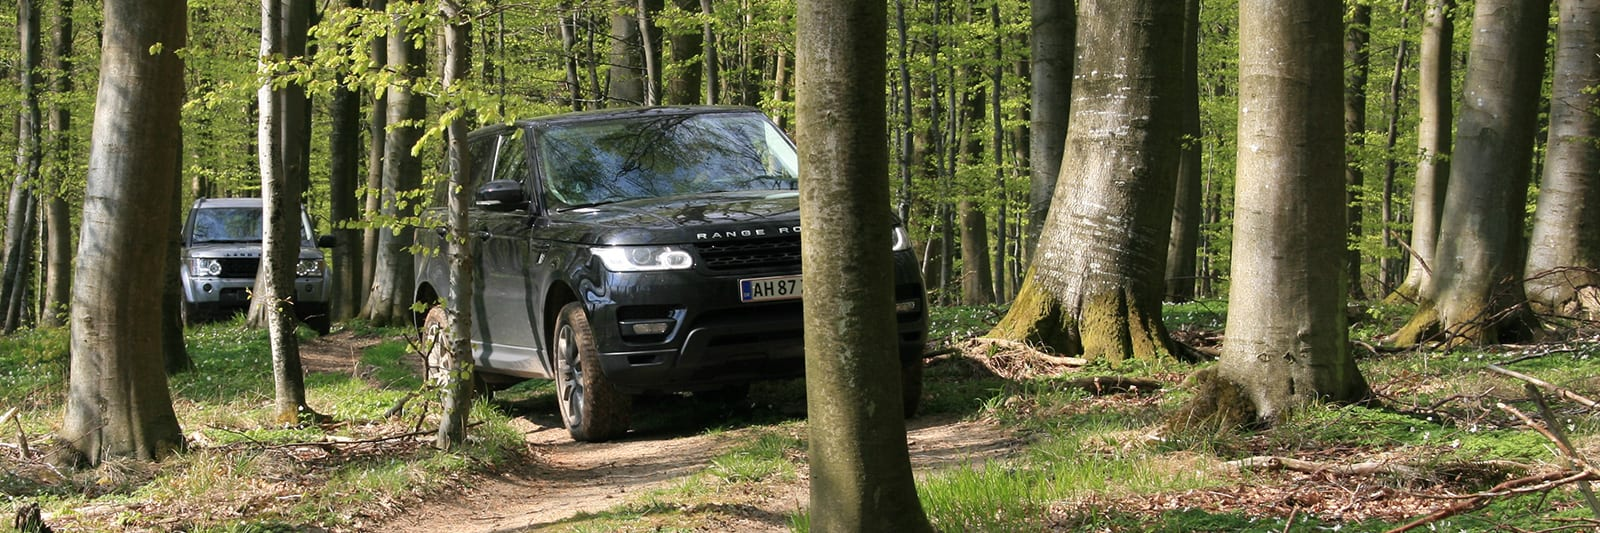 Prøv en Land Rover i terræn